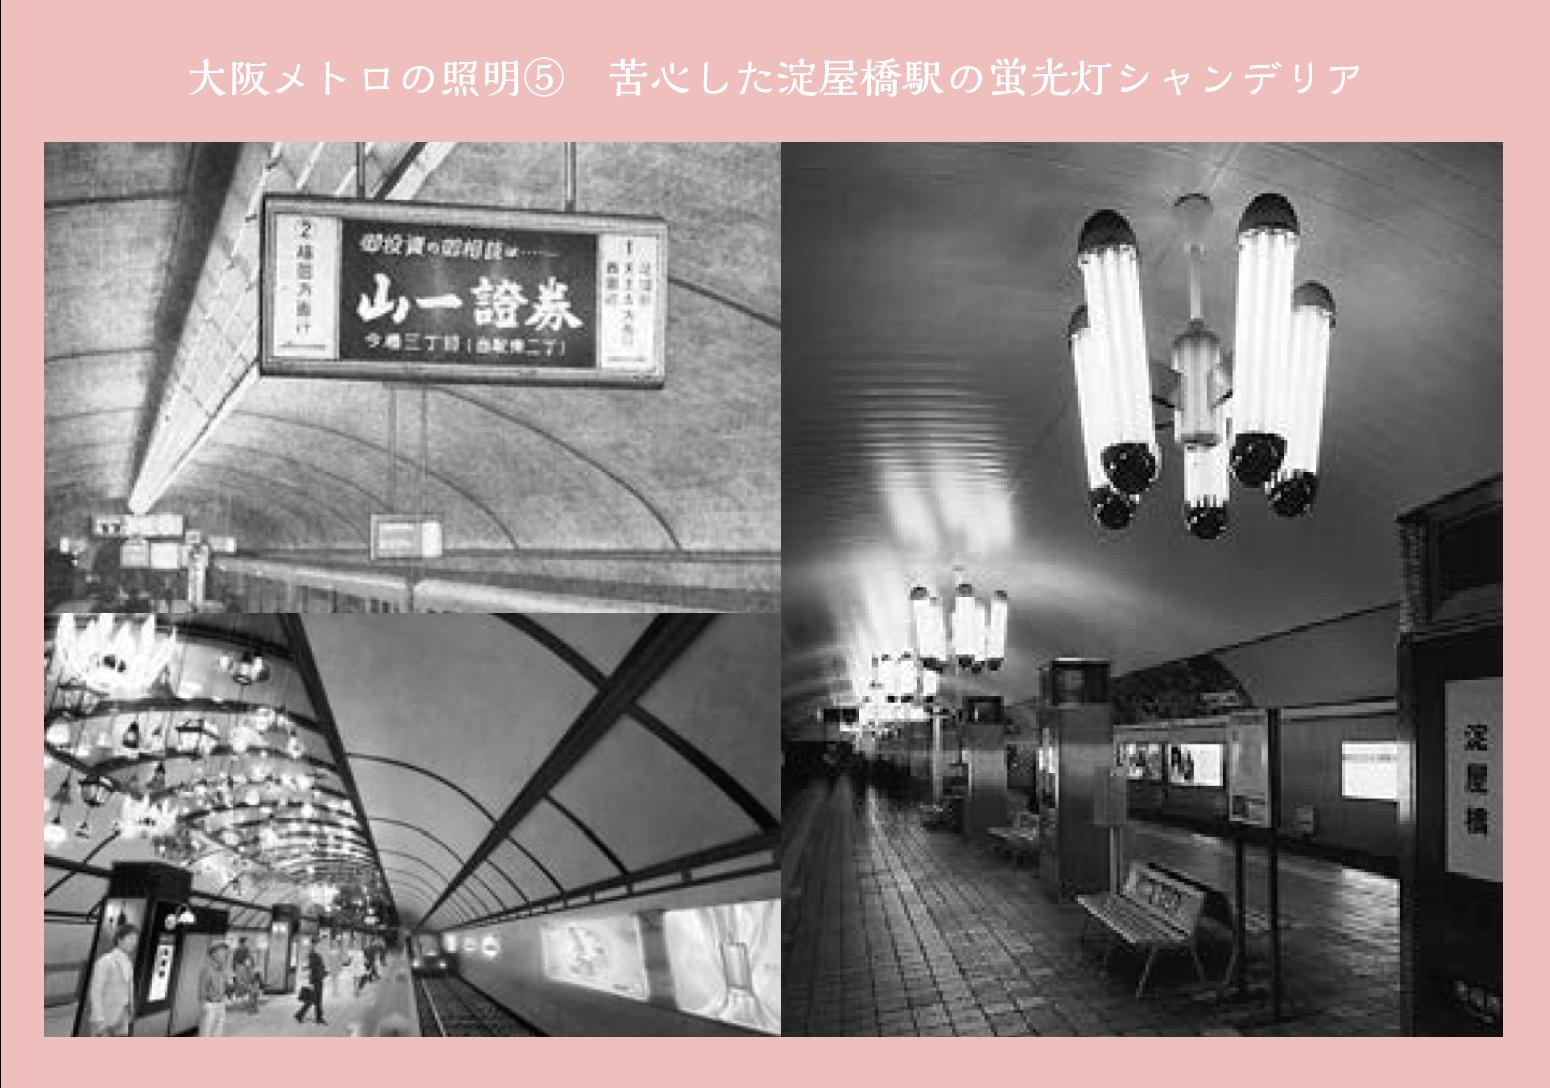 大阪メトロの照明⑤ 苦心した淀屋橋駅の蛍光灯シャンデリアの画像